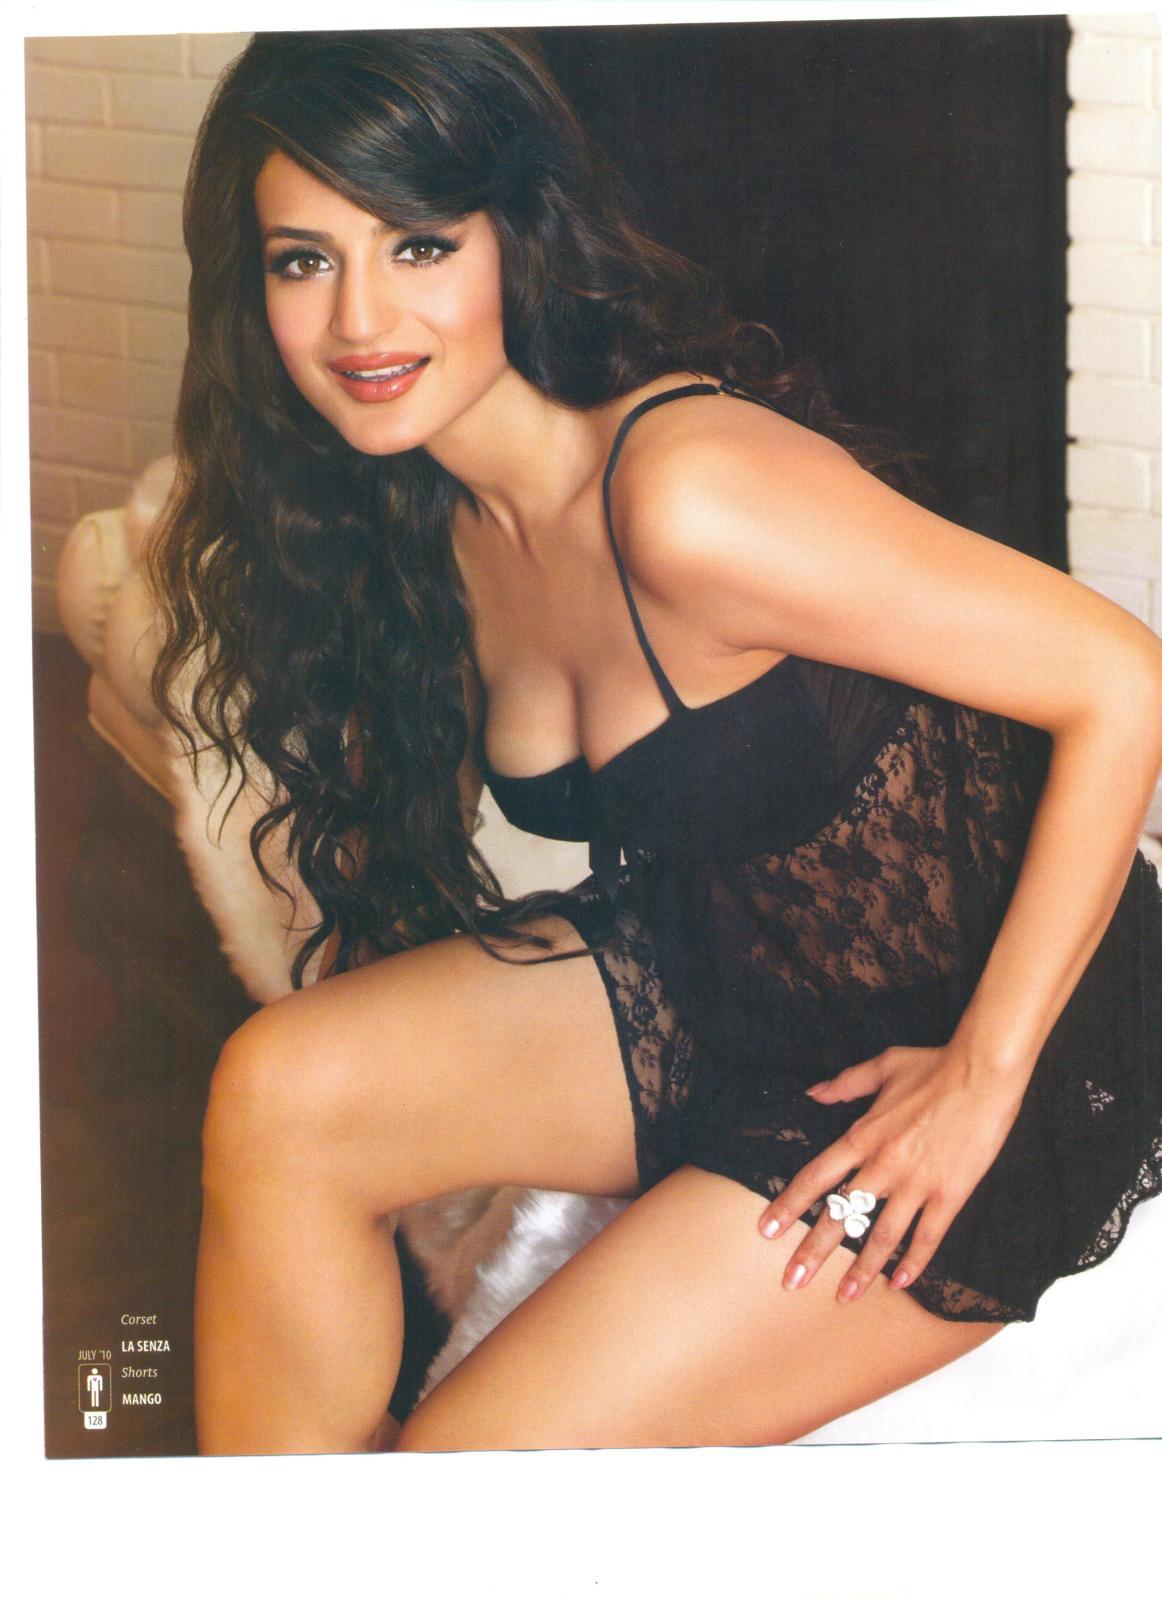 Ameesha Patel Hot Videos bollywood actress gallery: amisha patel hot photoshoot